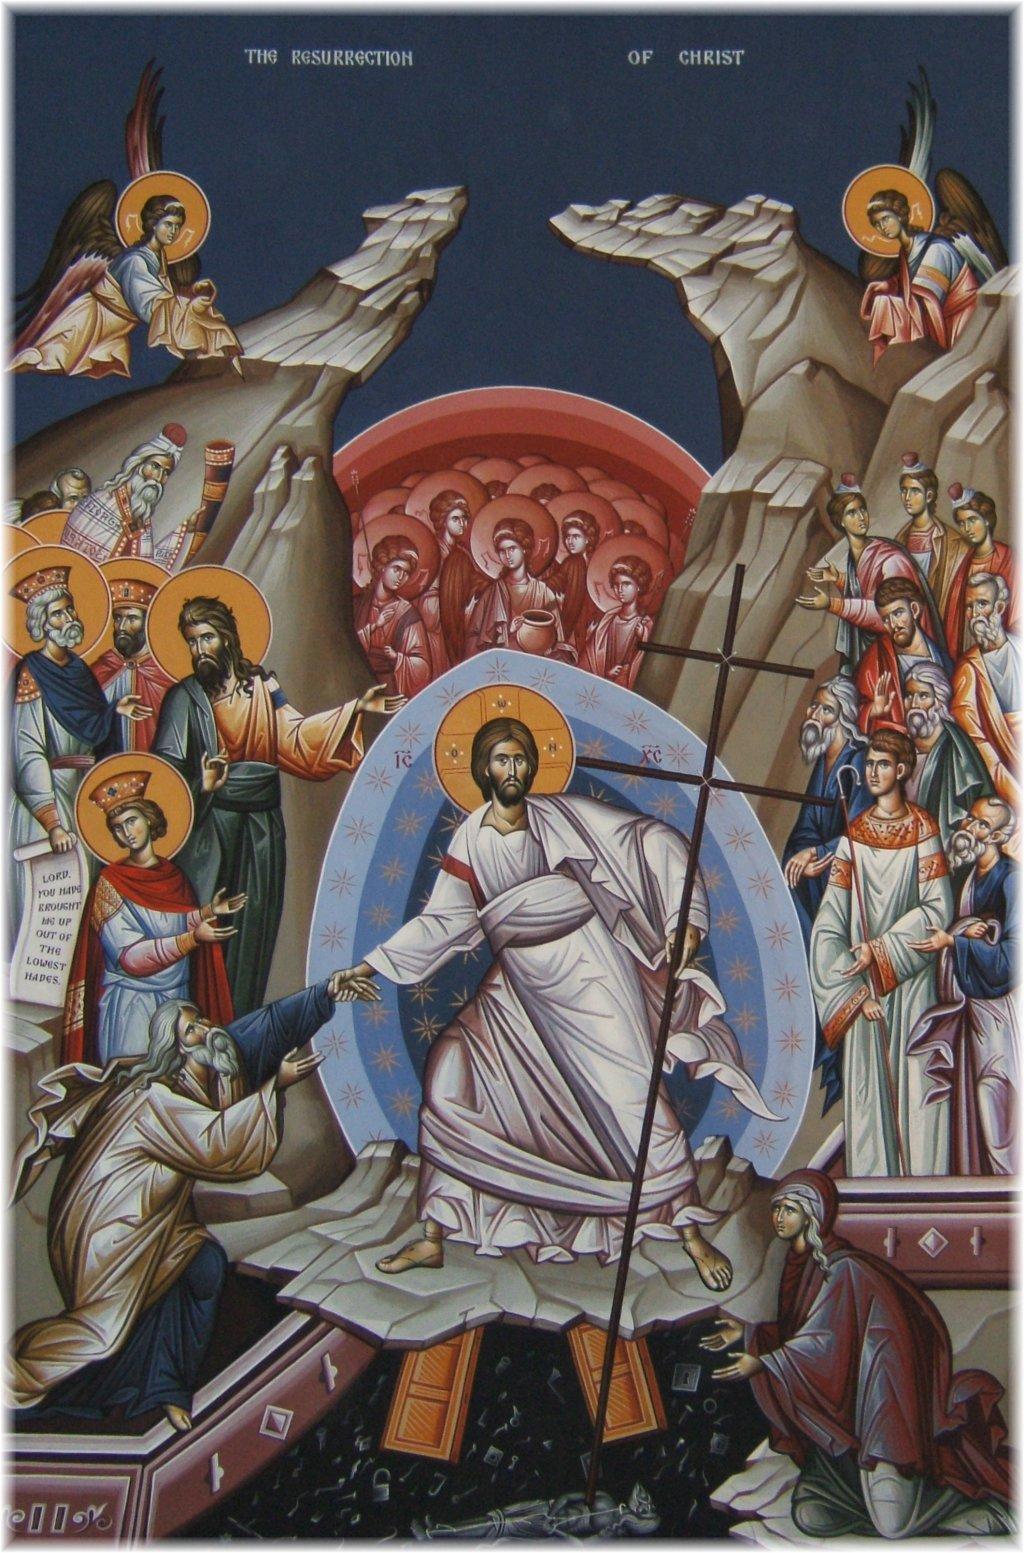 Ikonen visar Kristus som segrare över döden